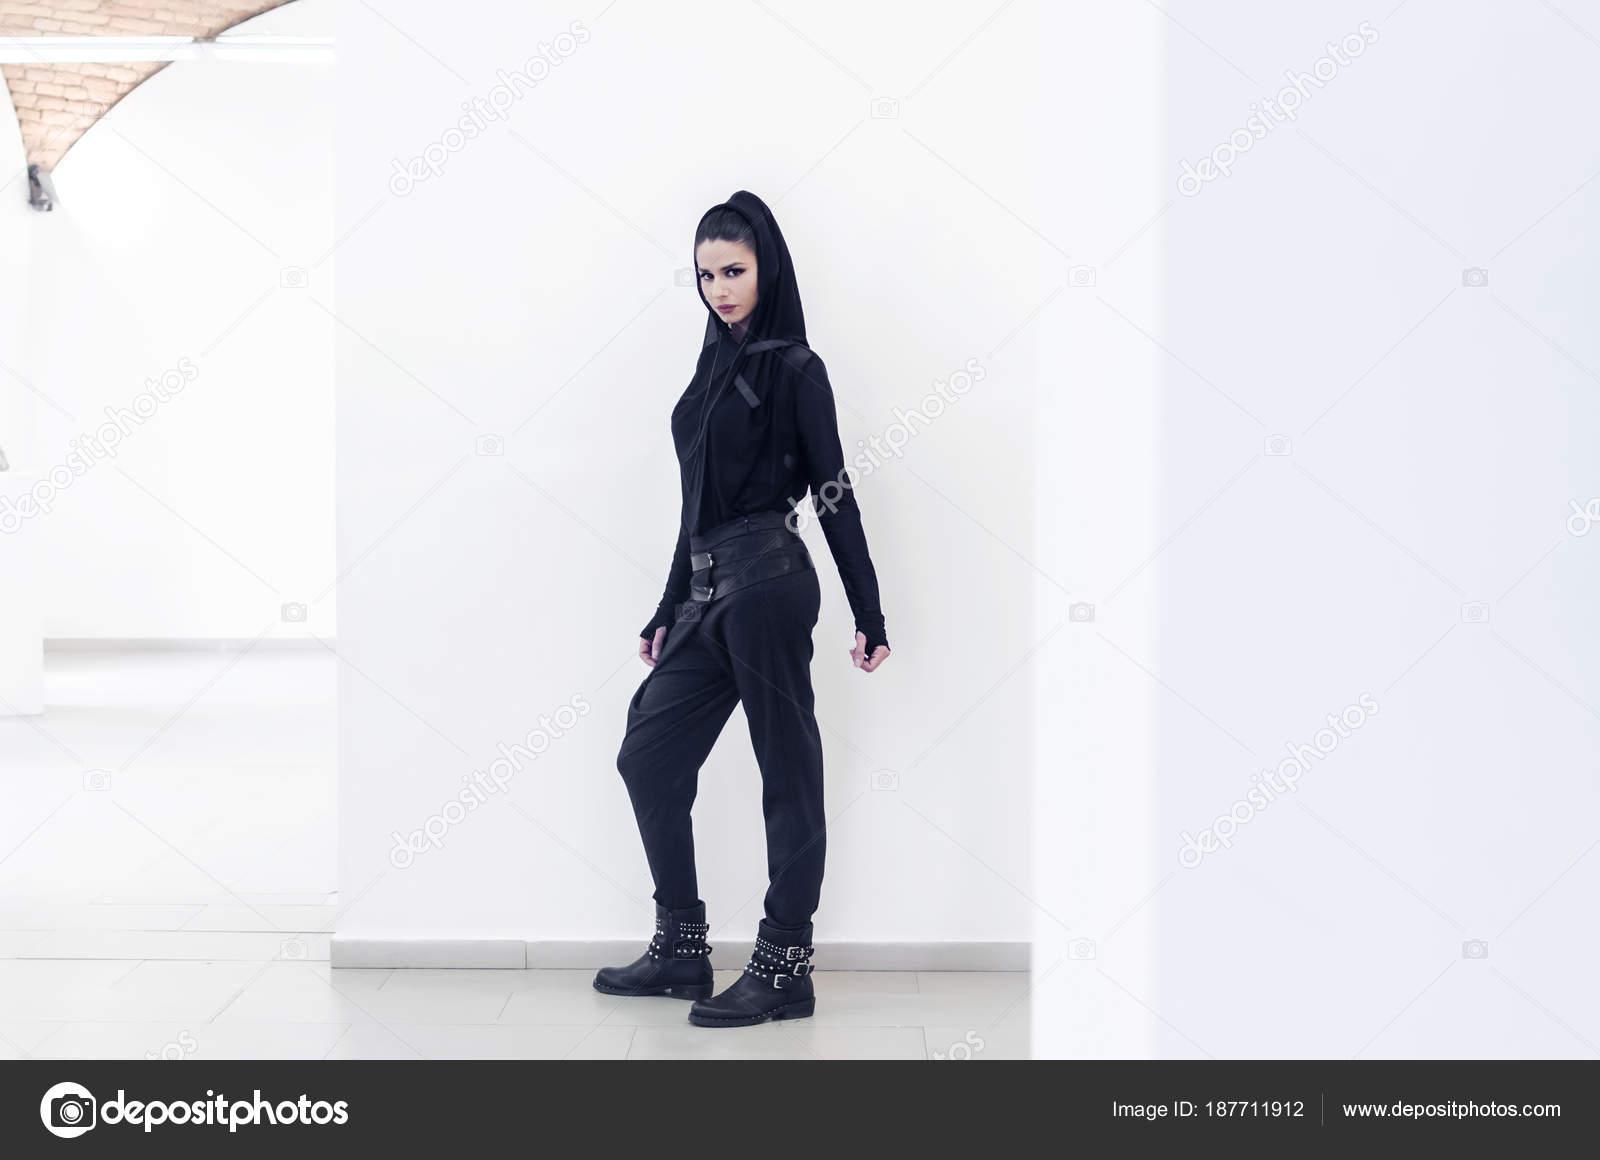 Retrato Cuerpo Entero Elegante Joven Traje Negro Pantalón Pitillo Negro —  Fotos de Stock 28d479317f8